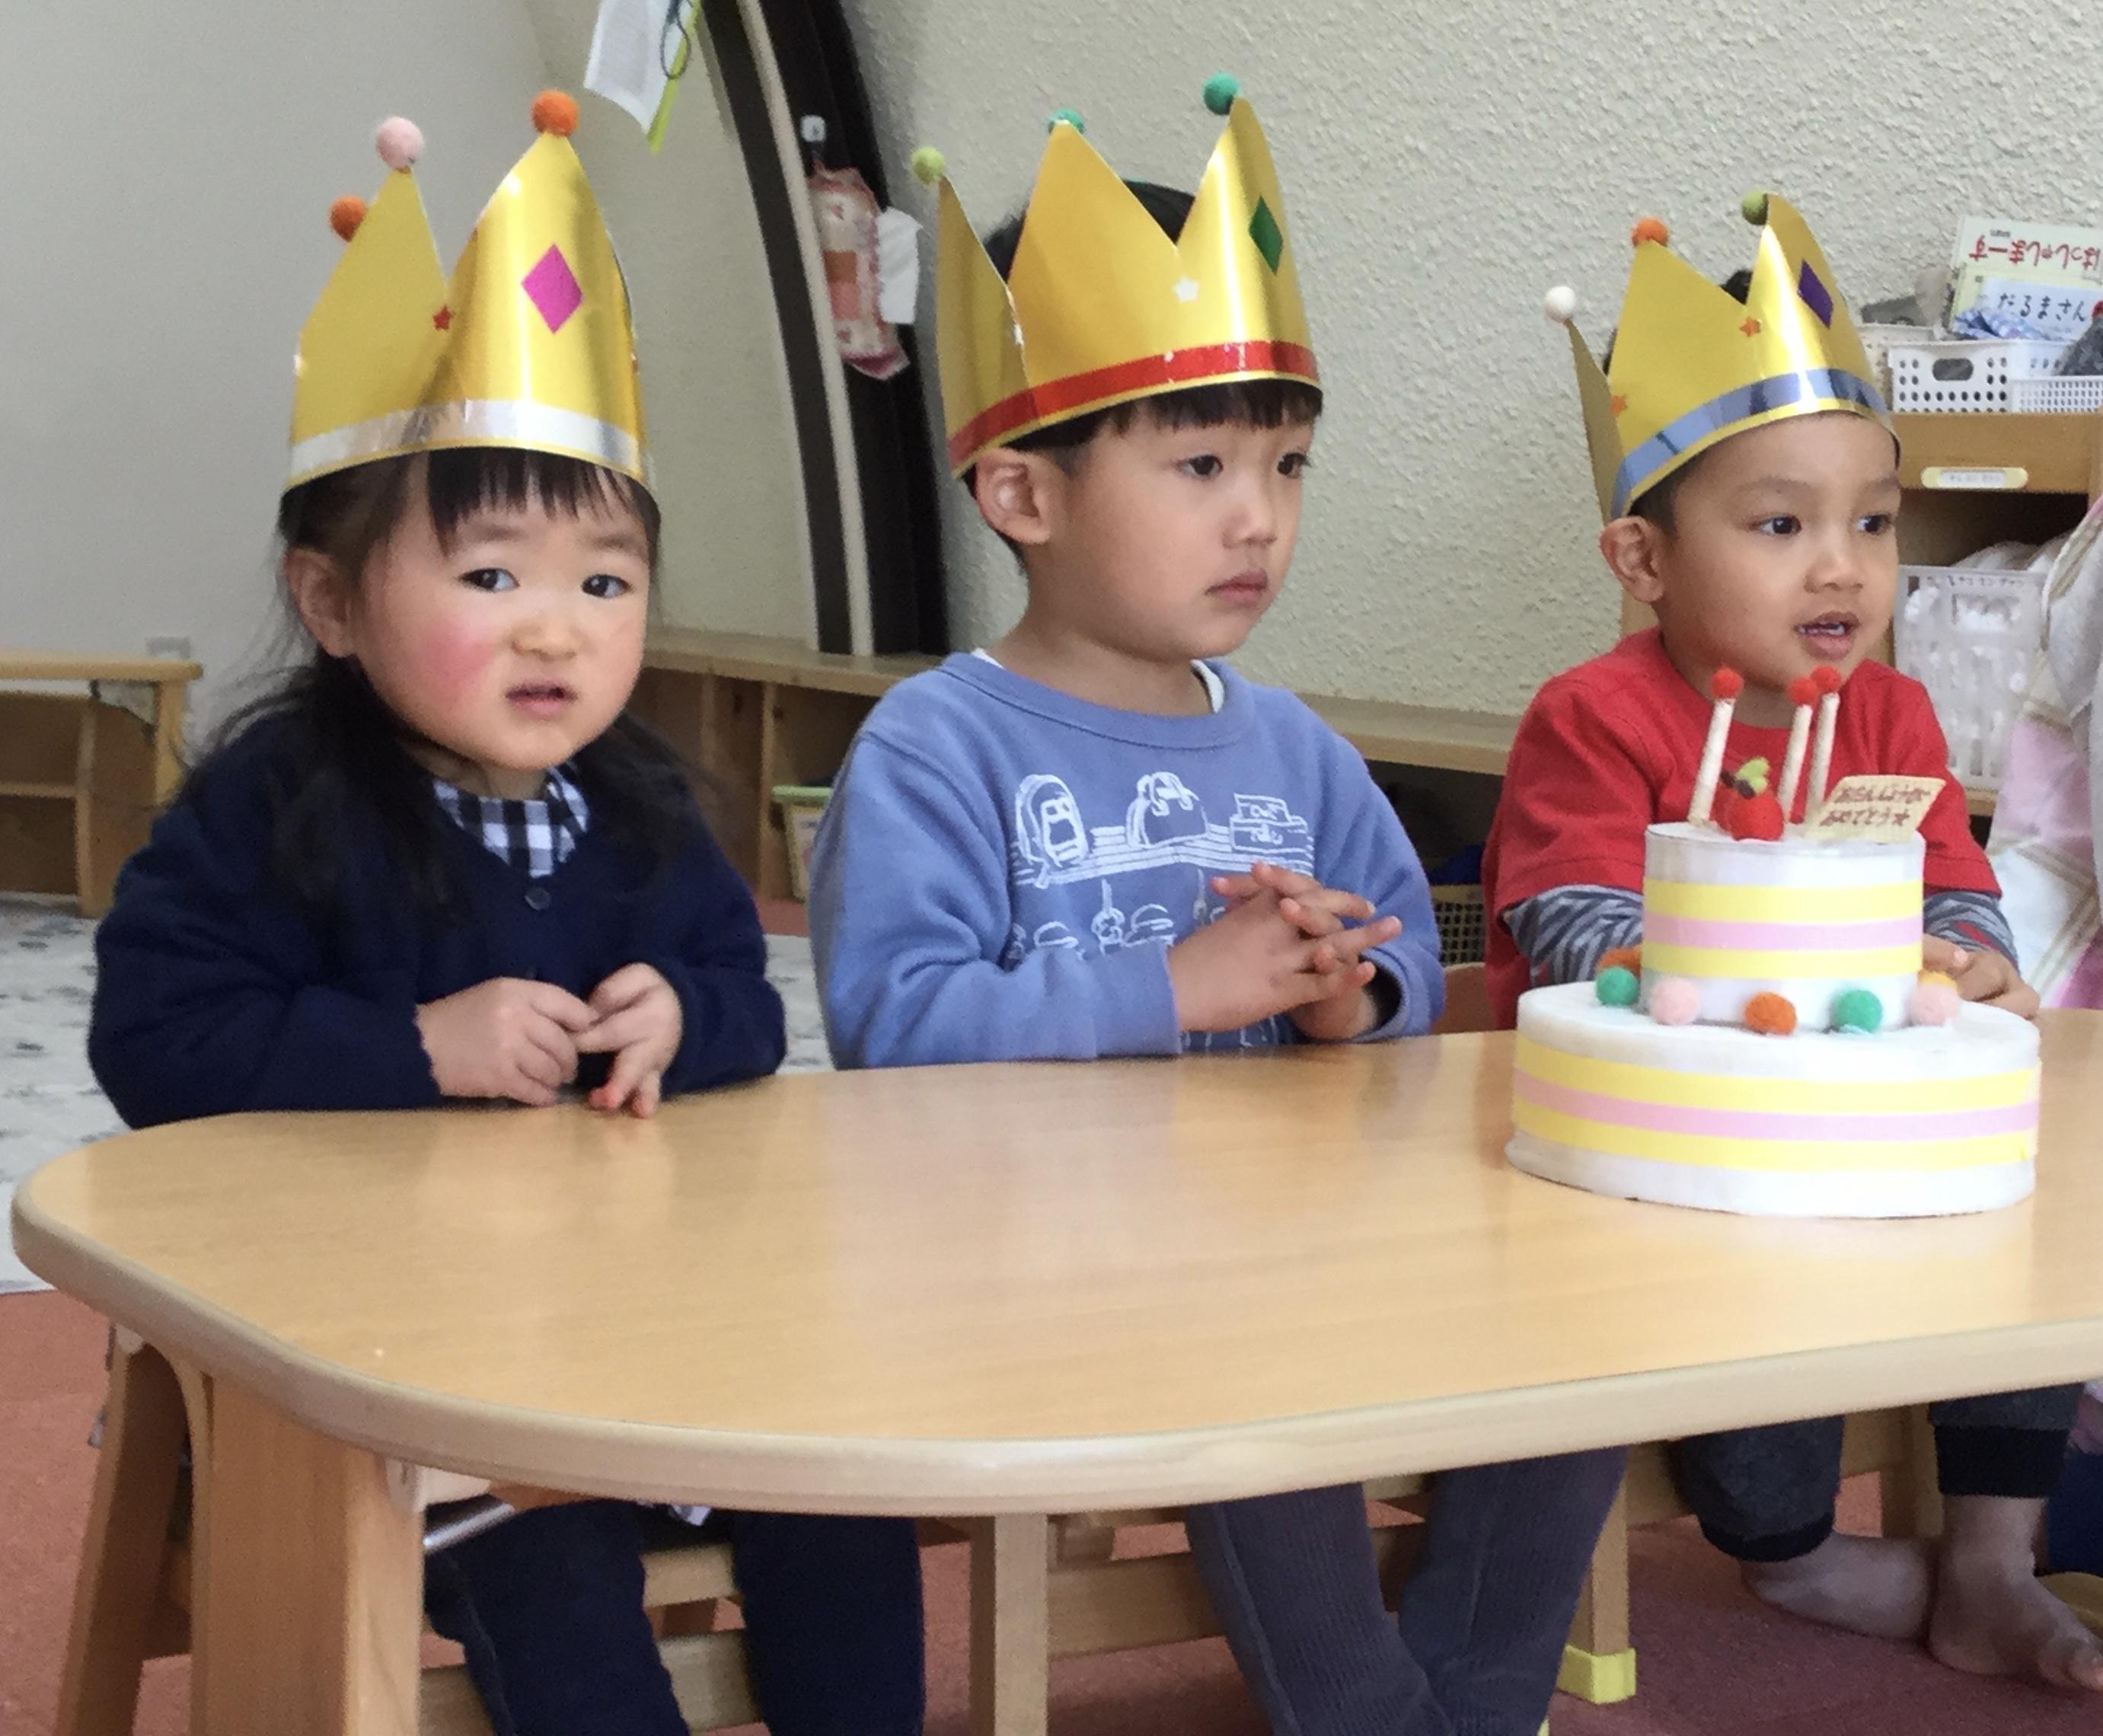 今日は、ひかりぐみのりんちゃんと、ほしぐみのそうすけくん、   ヴォンくんのお誕生日会をしました。ヴォンくんは7日、そうすけくんは8日で3歳になりました。りんちゃんは28日で2歳になります。    みんなから、♪ ハッピーバーズデイ  ♪の歌とケーキのプレゼント。  お誕生日、おめでとう !